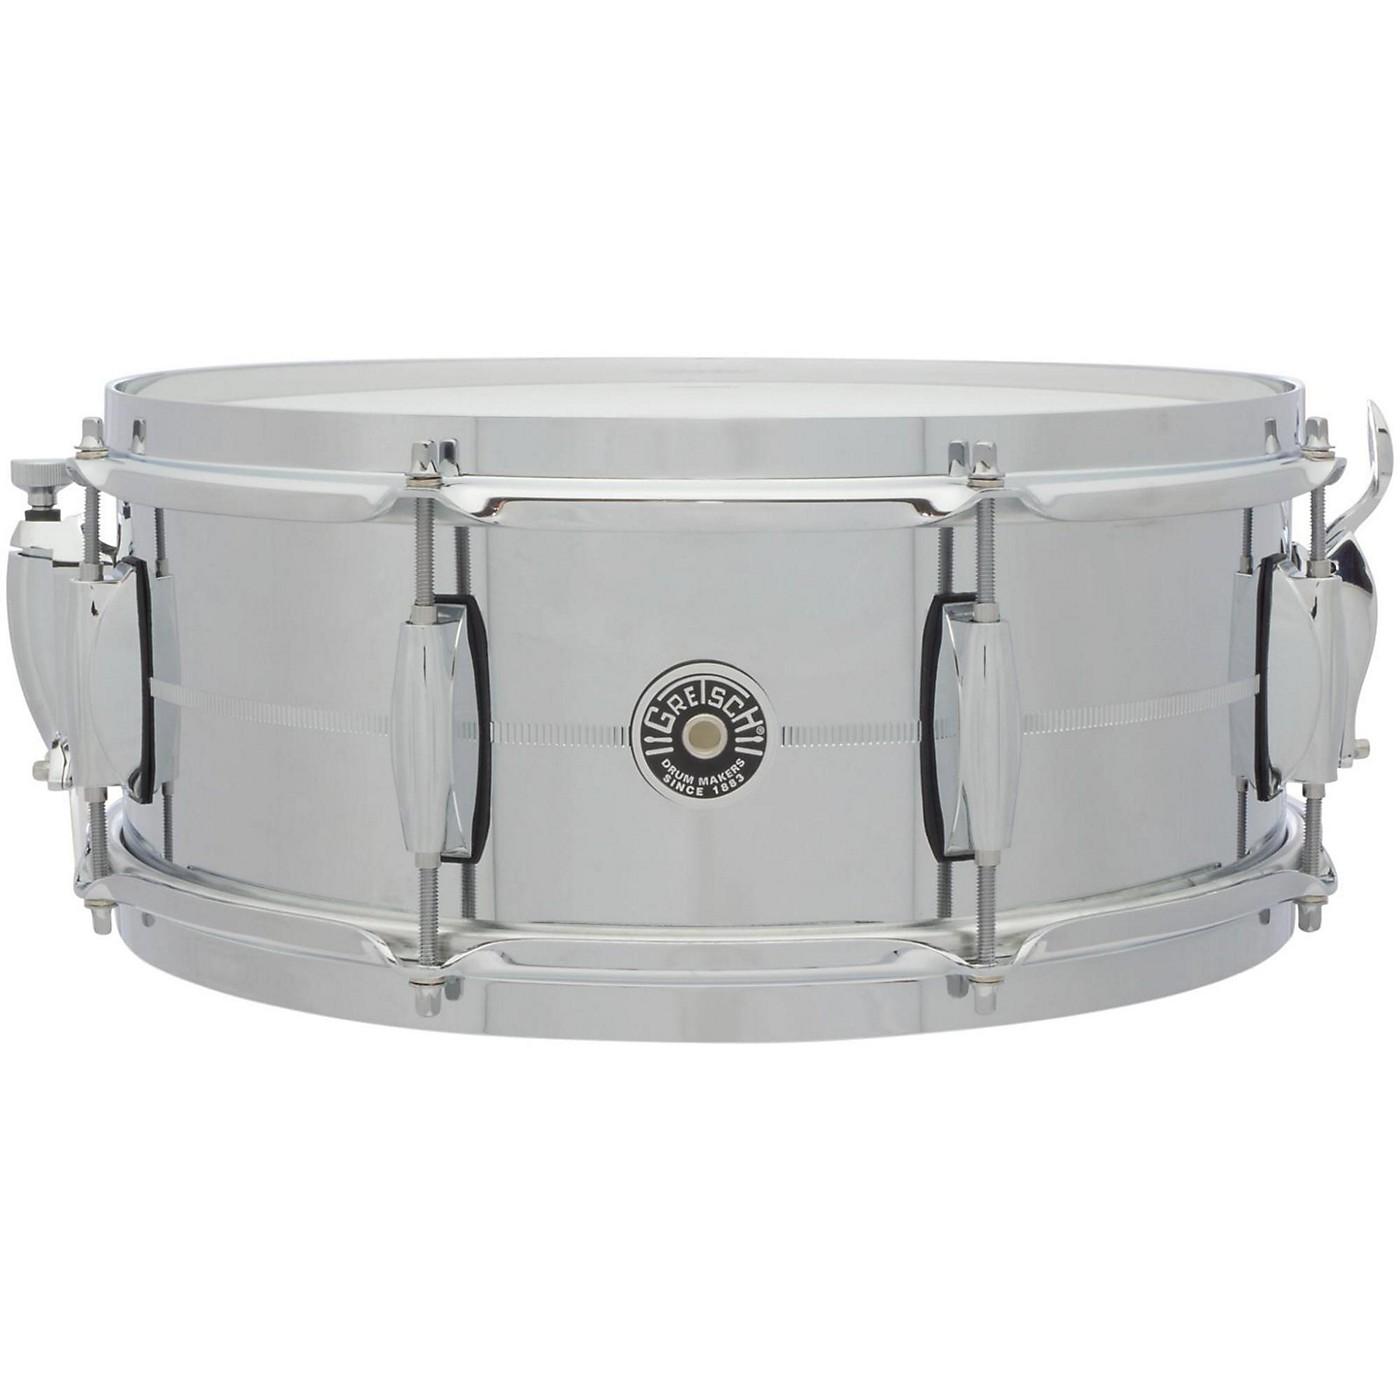 Gretsch Drums Brooklyn Series Steel Snare Drum thumbnail